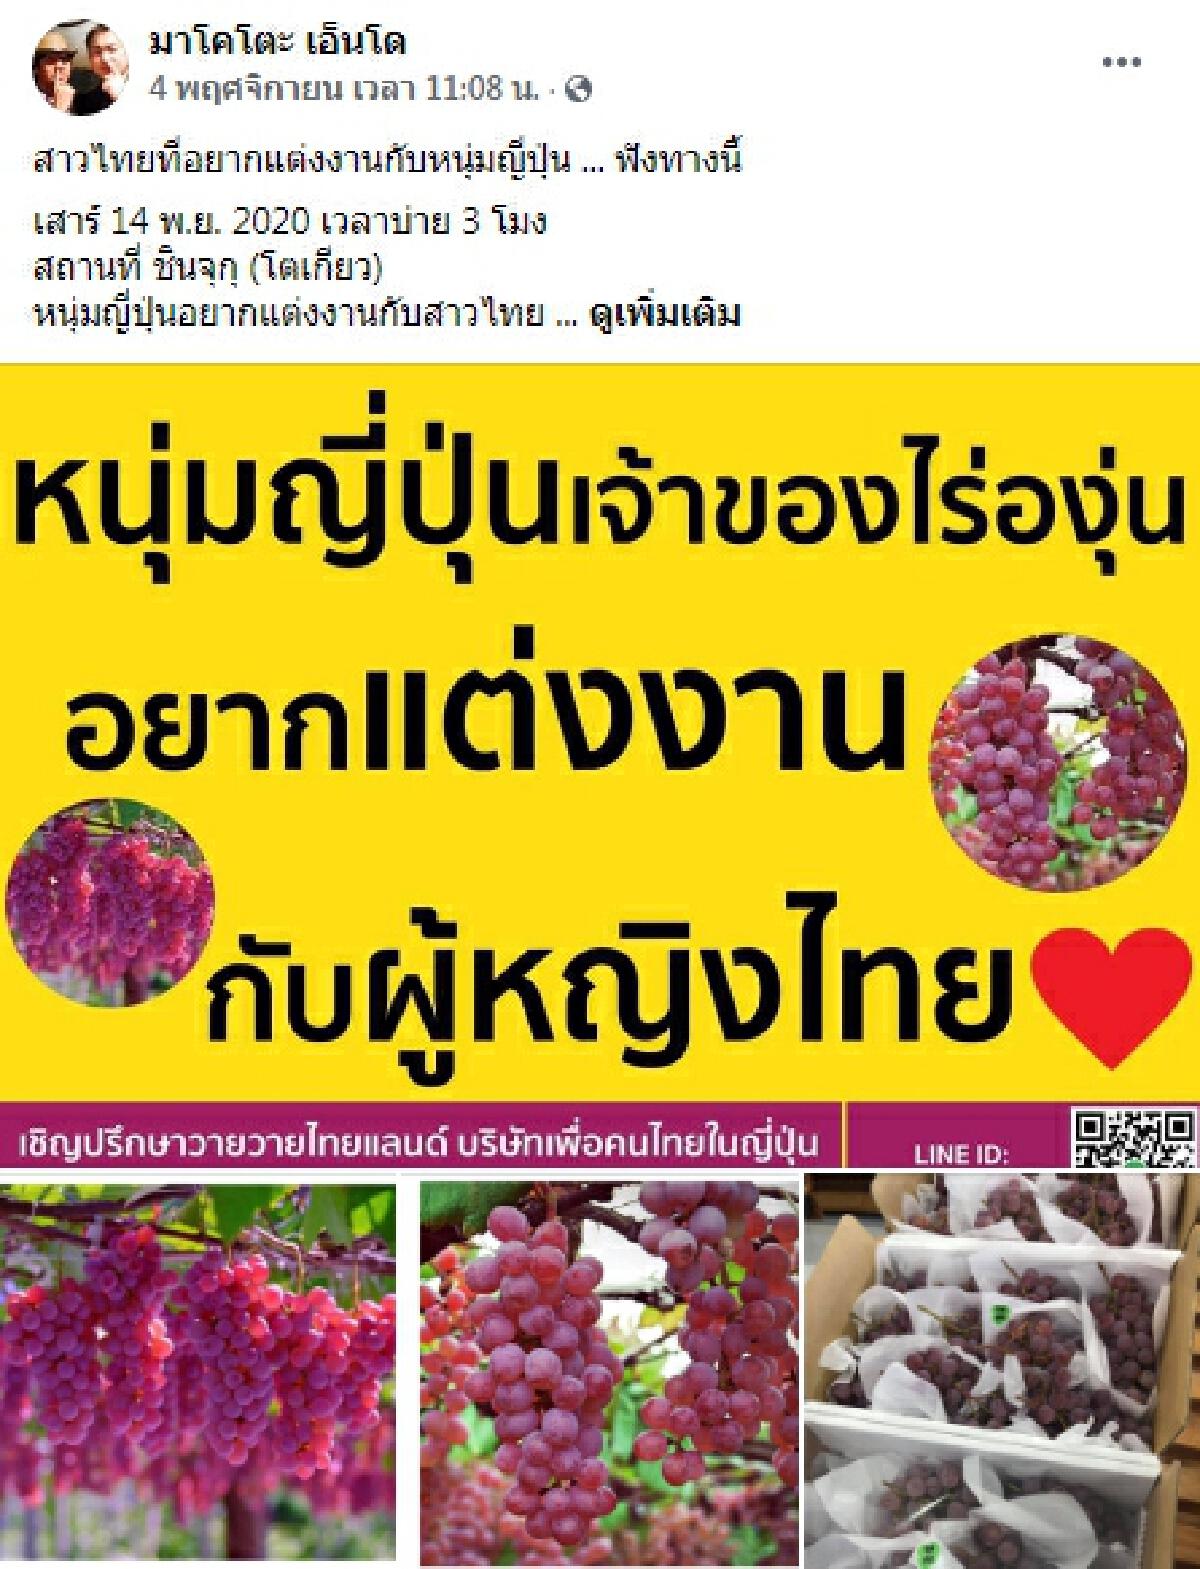 หนุ่มญี่ปุ่นโปรไฟล์ระดับเจ้าของสวนองุ่น ประกาศอยากแต่งงานกับสาวไทย